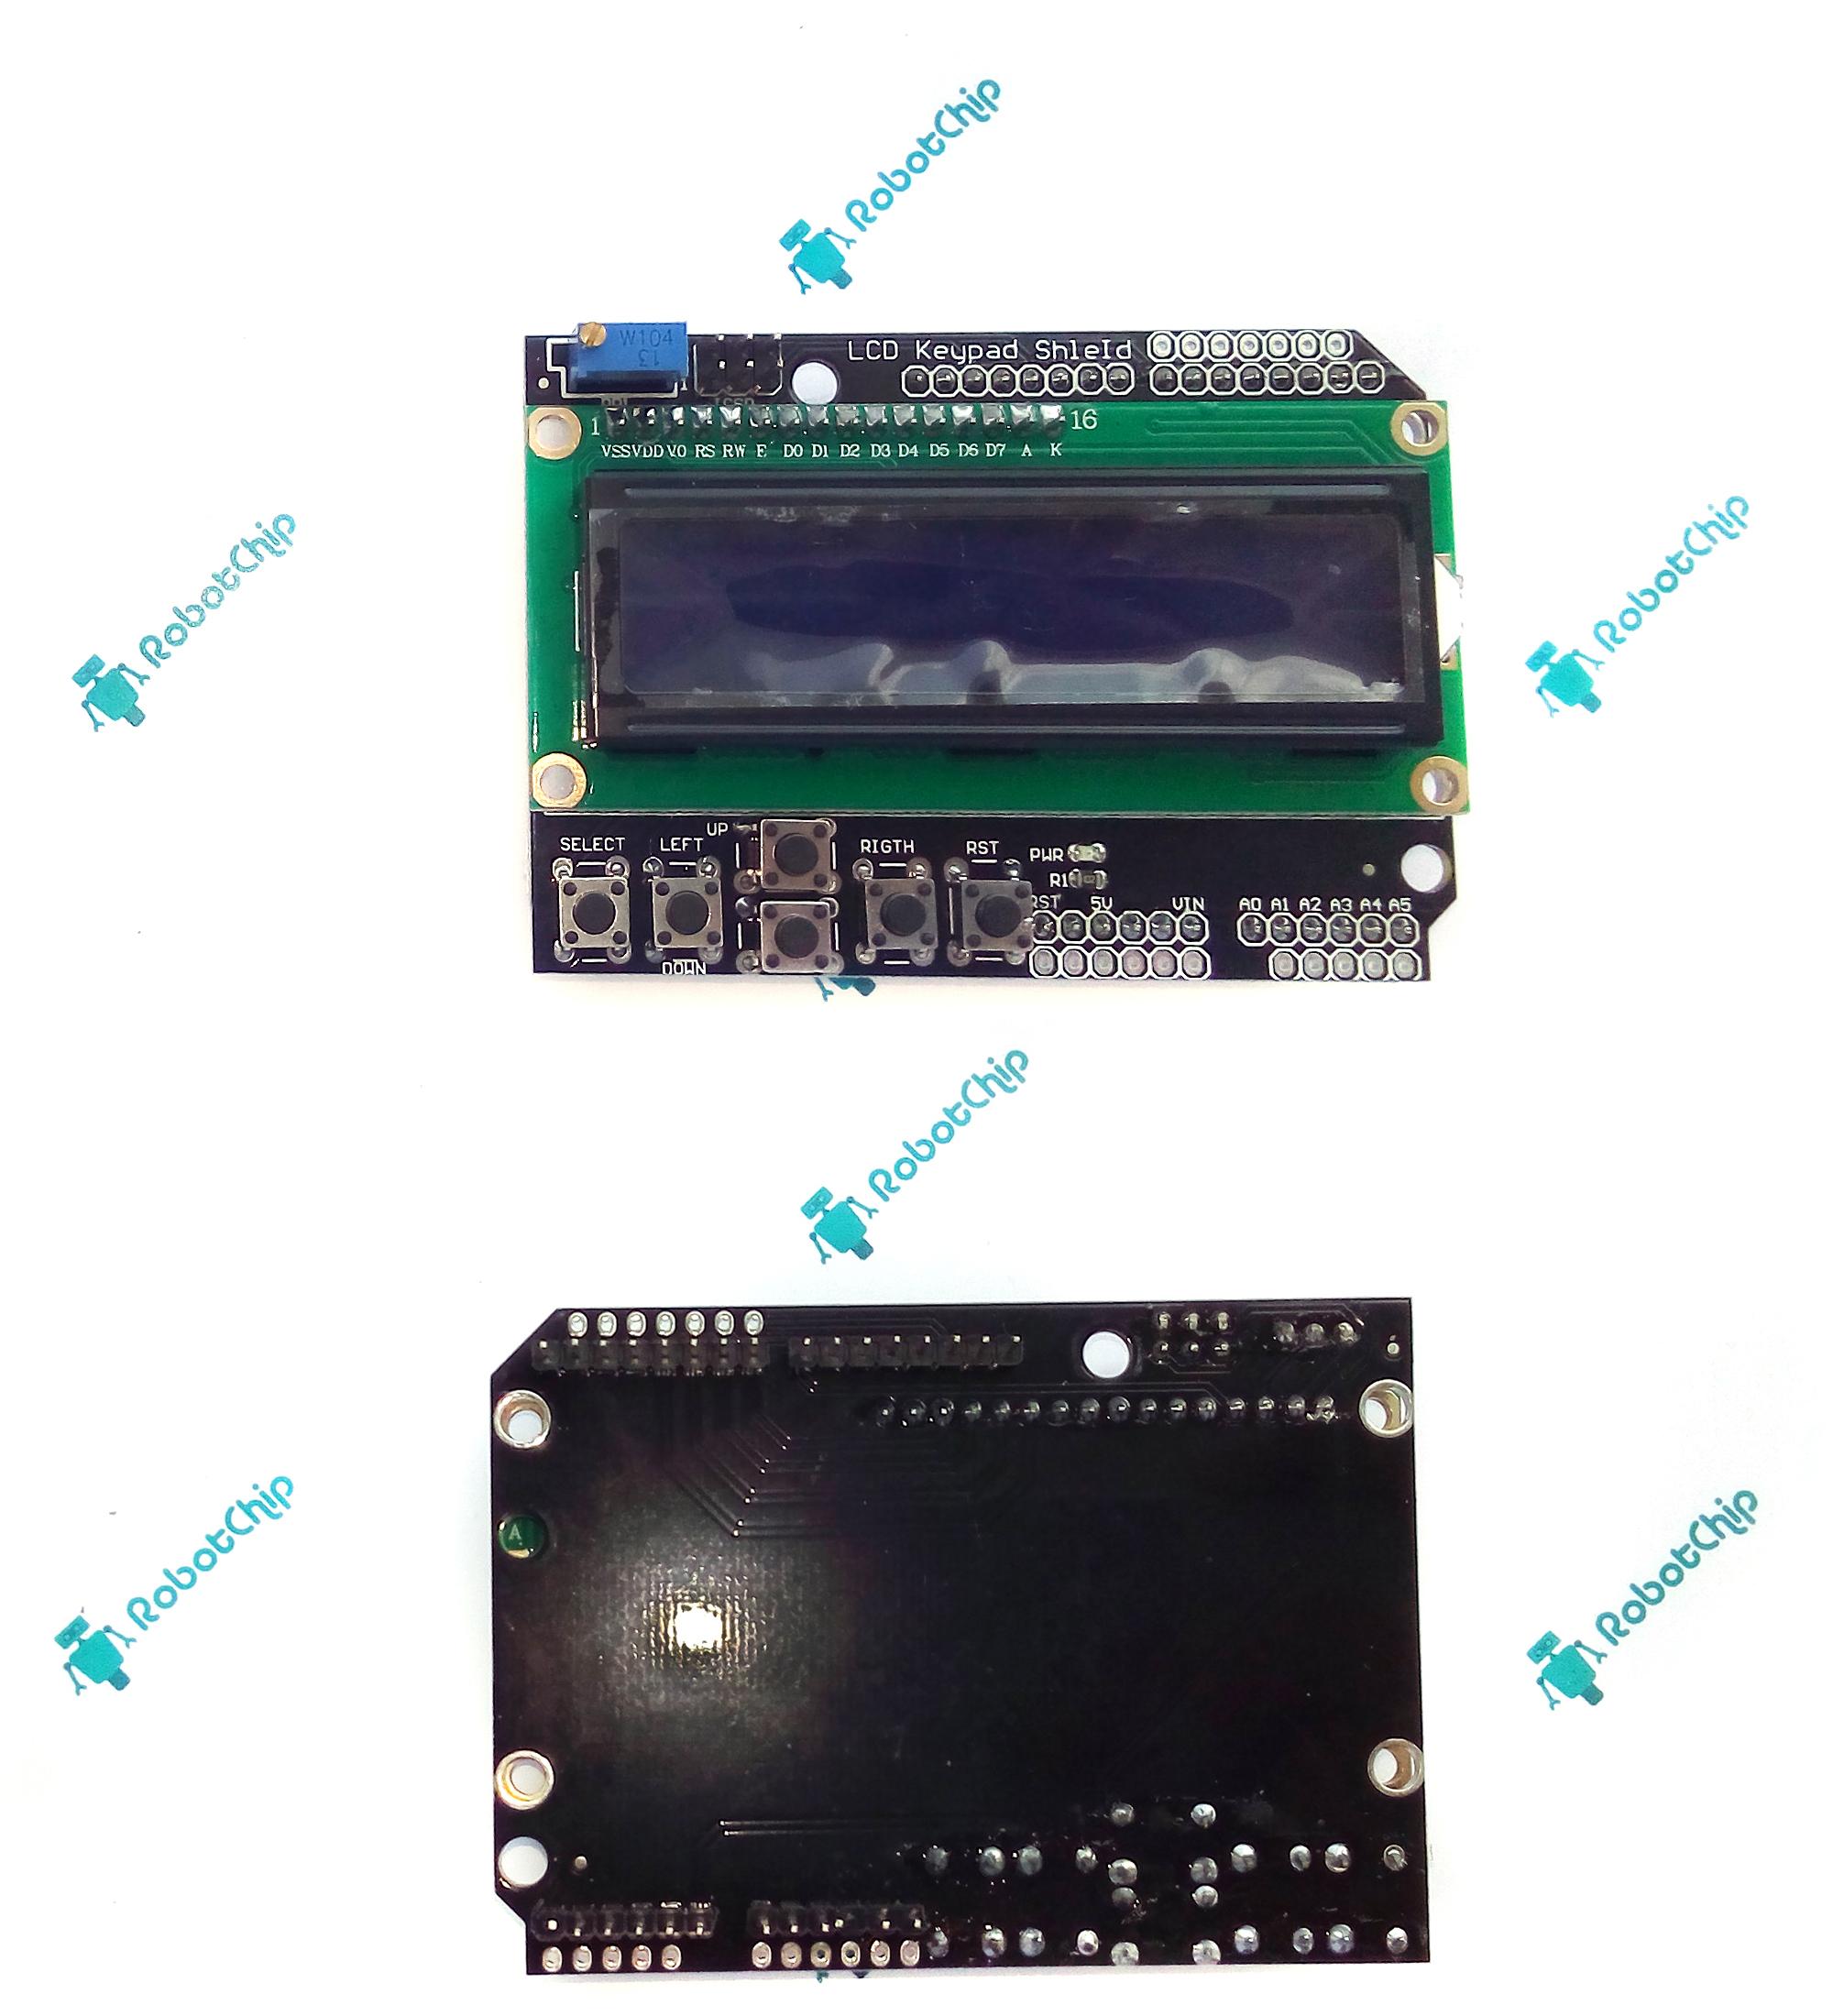 Обзор LCD модуля keypad (LCD1602, 2x16, 5V)